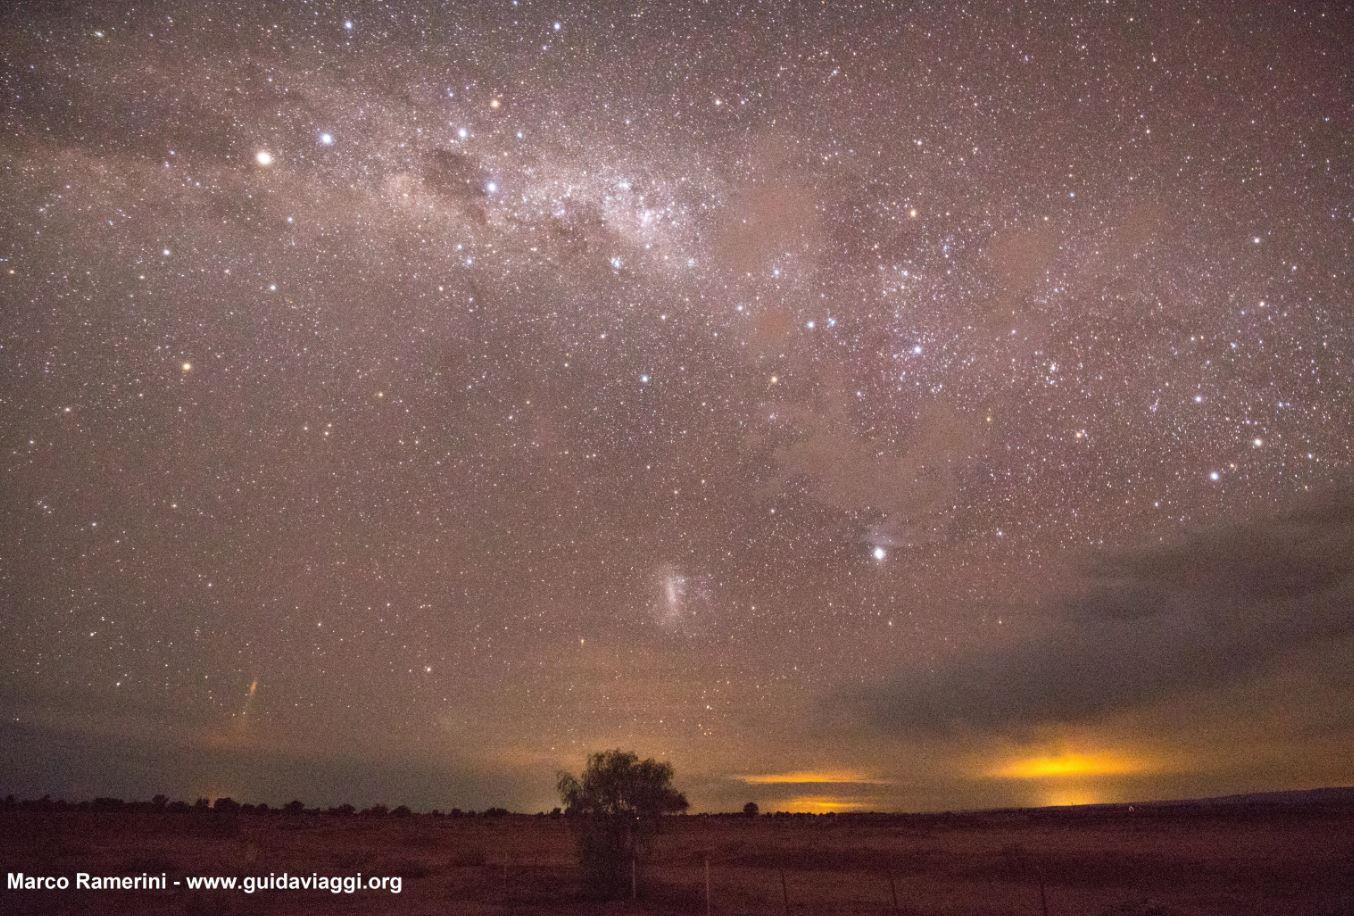 La Vía Láctea, poco después del atardecer, con la Cruz del Sur, Eta Carinae y la Gran Nube de Magallanes. Desierto de Atacama, Chile. Autor y Copyright Marco Ramerini.